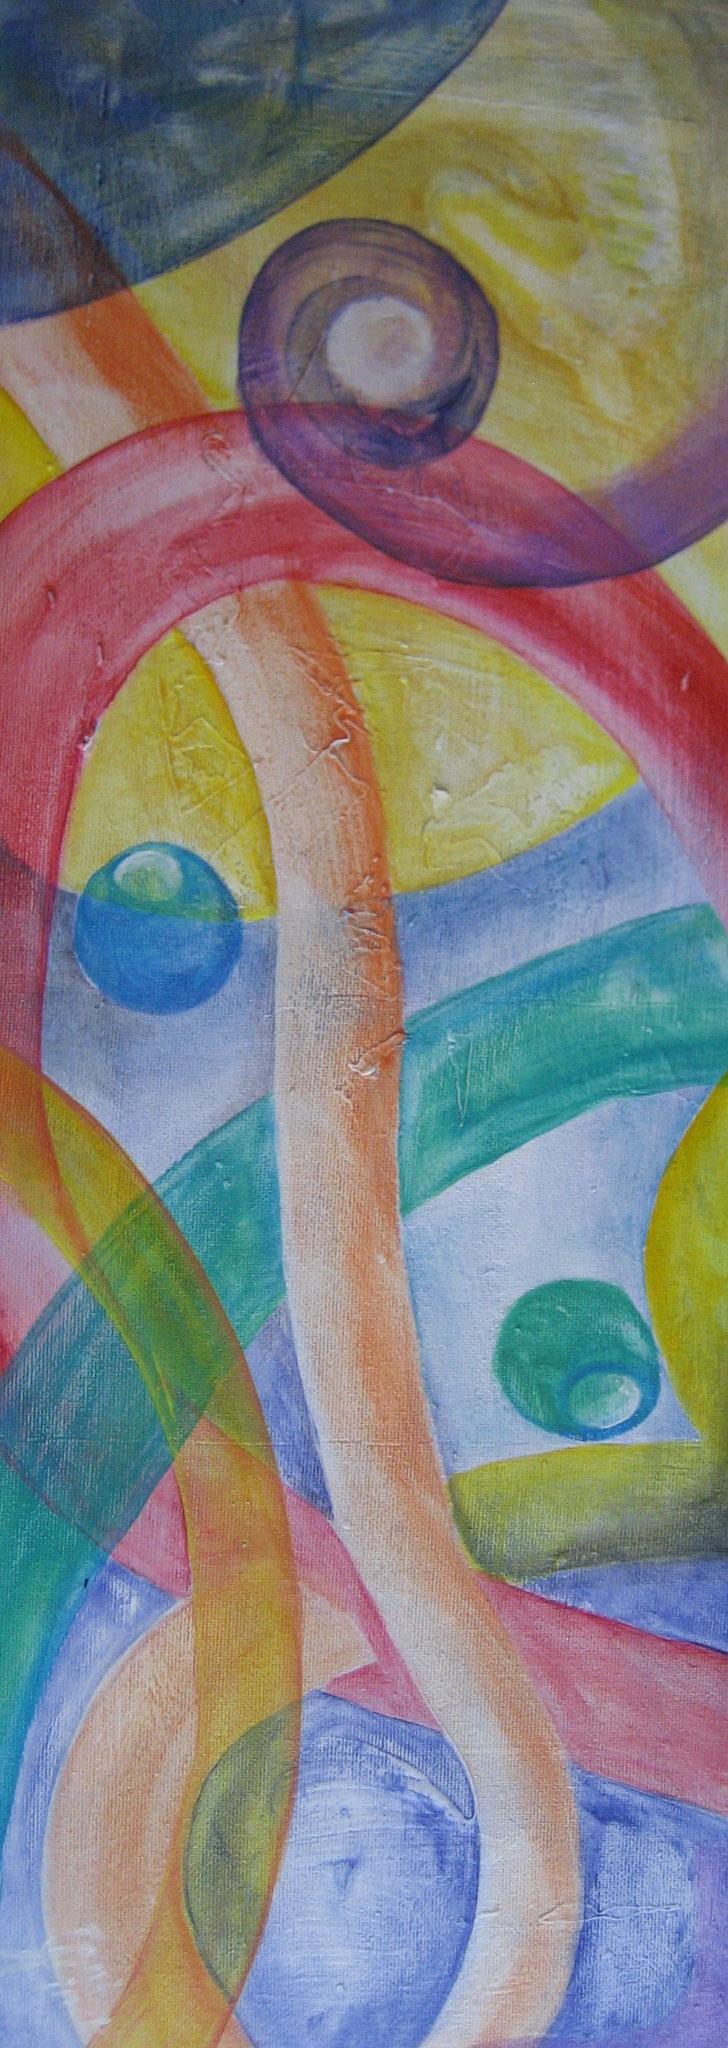 Farbspielerei 5  -  F113 -  81,5x30cm  -  Acryl aufHartfaser, Lasuren  -  10.11.2015  -  240€